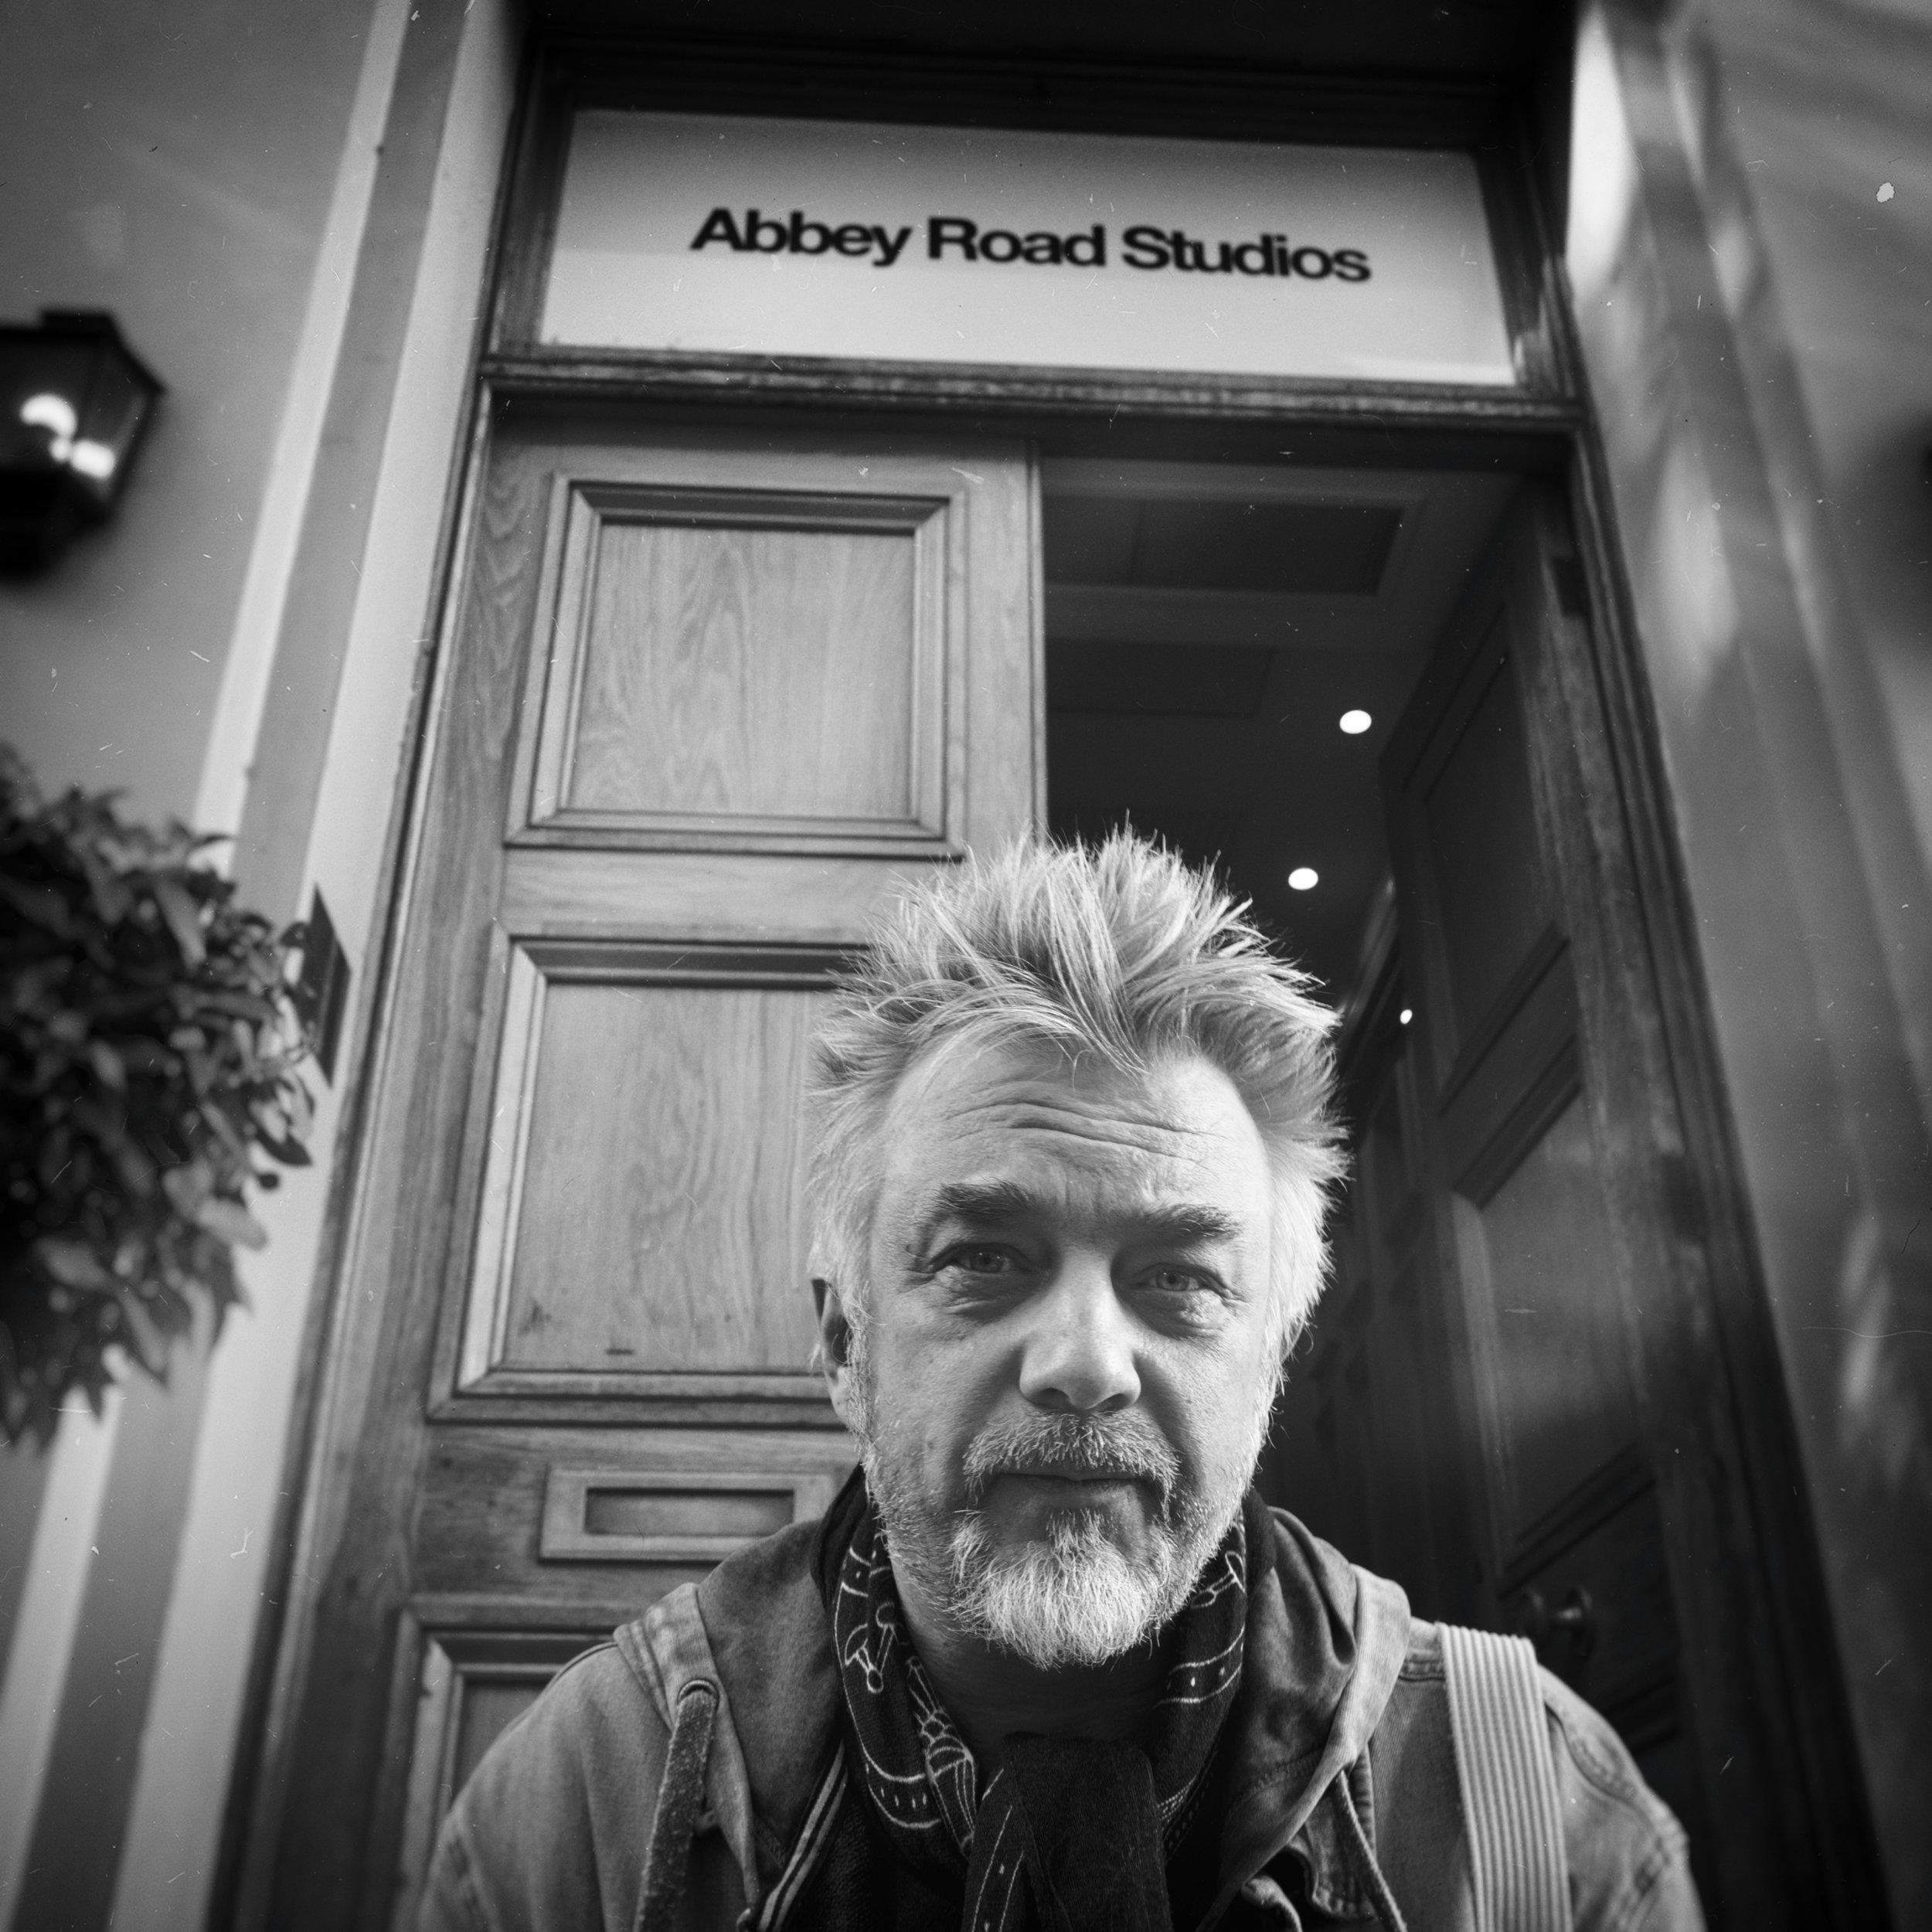 A. Mamontovas legendinėje Abbey Road studijoje įrašinės savo kultinį albumą